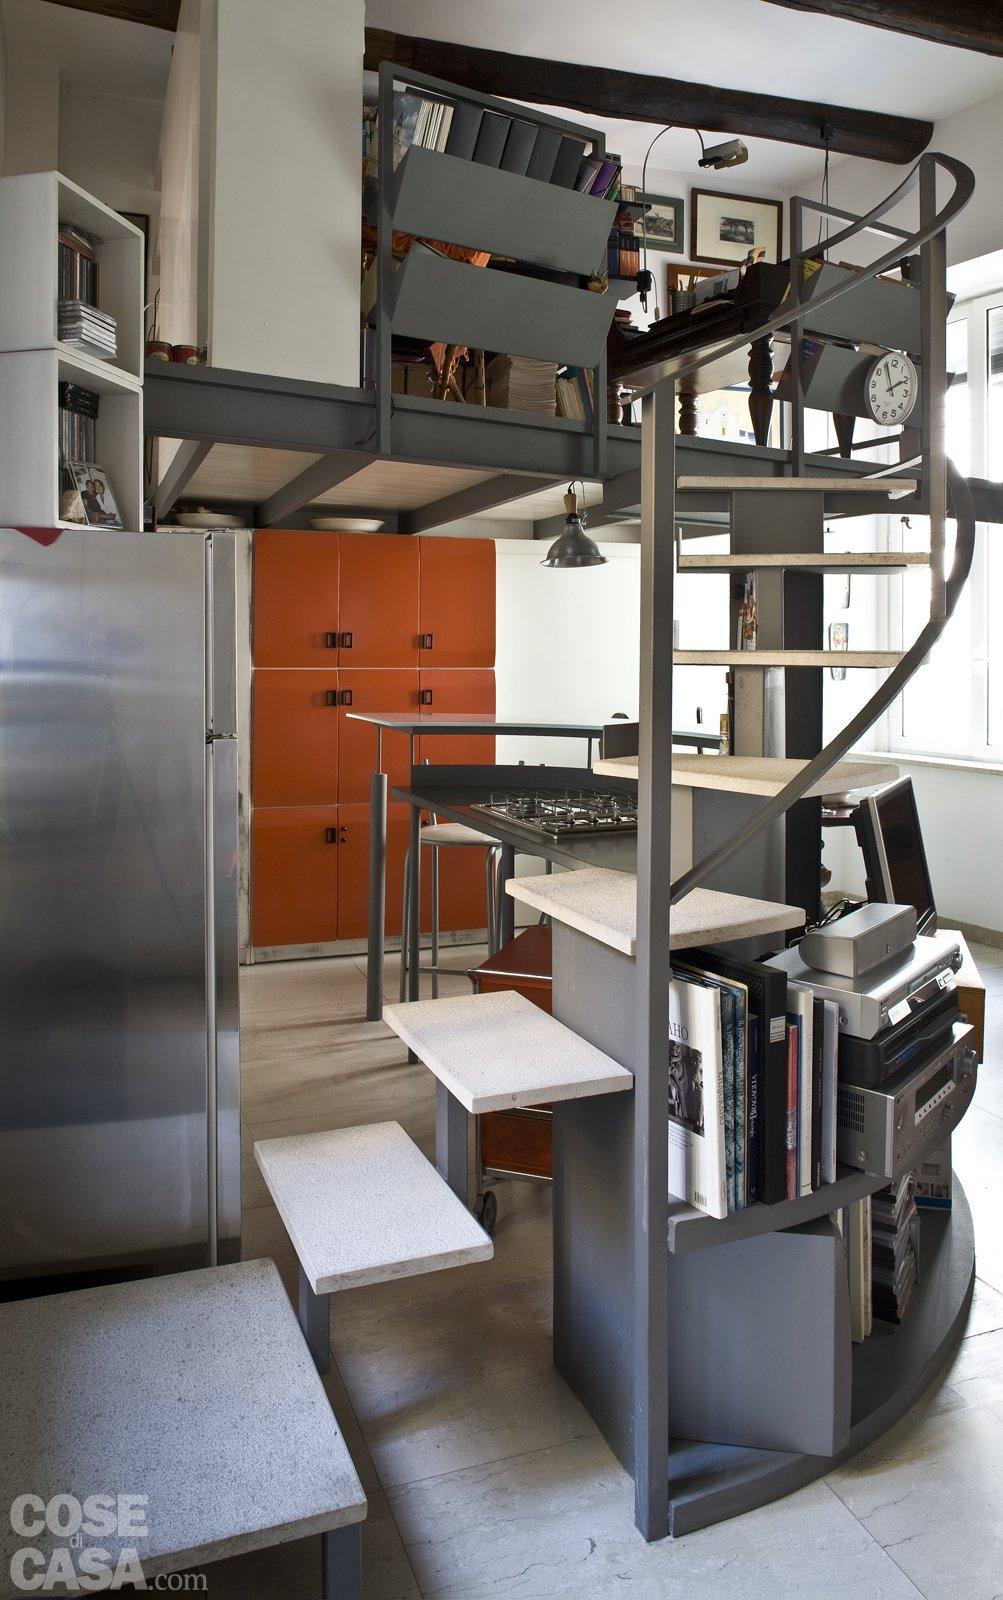 casa piccola: 43 mq + soppalco per studio e cabina armadio - cose ... - Camera Da Letto Su Soppalco